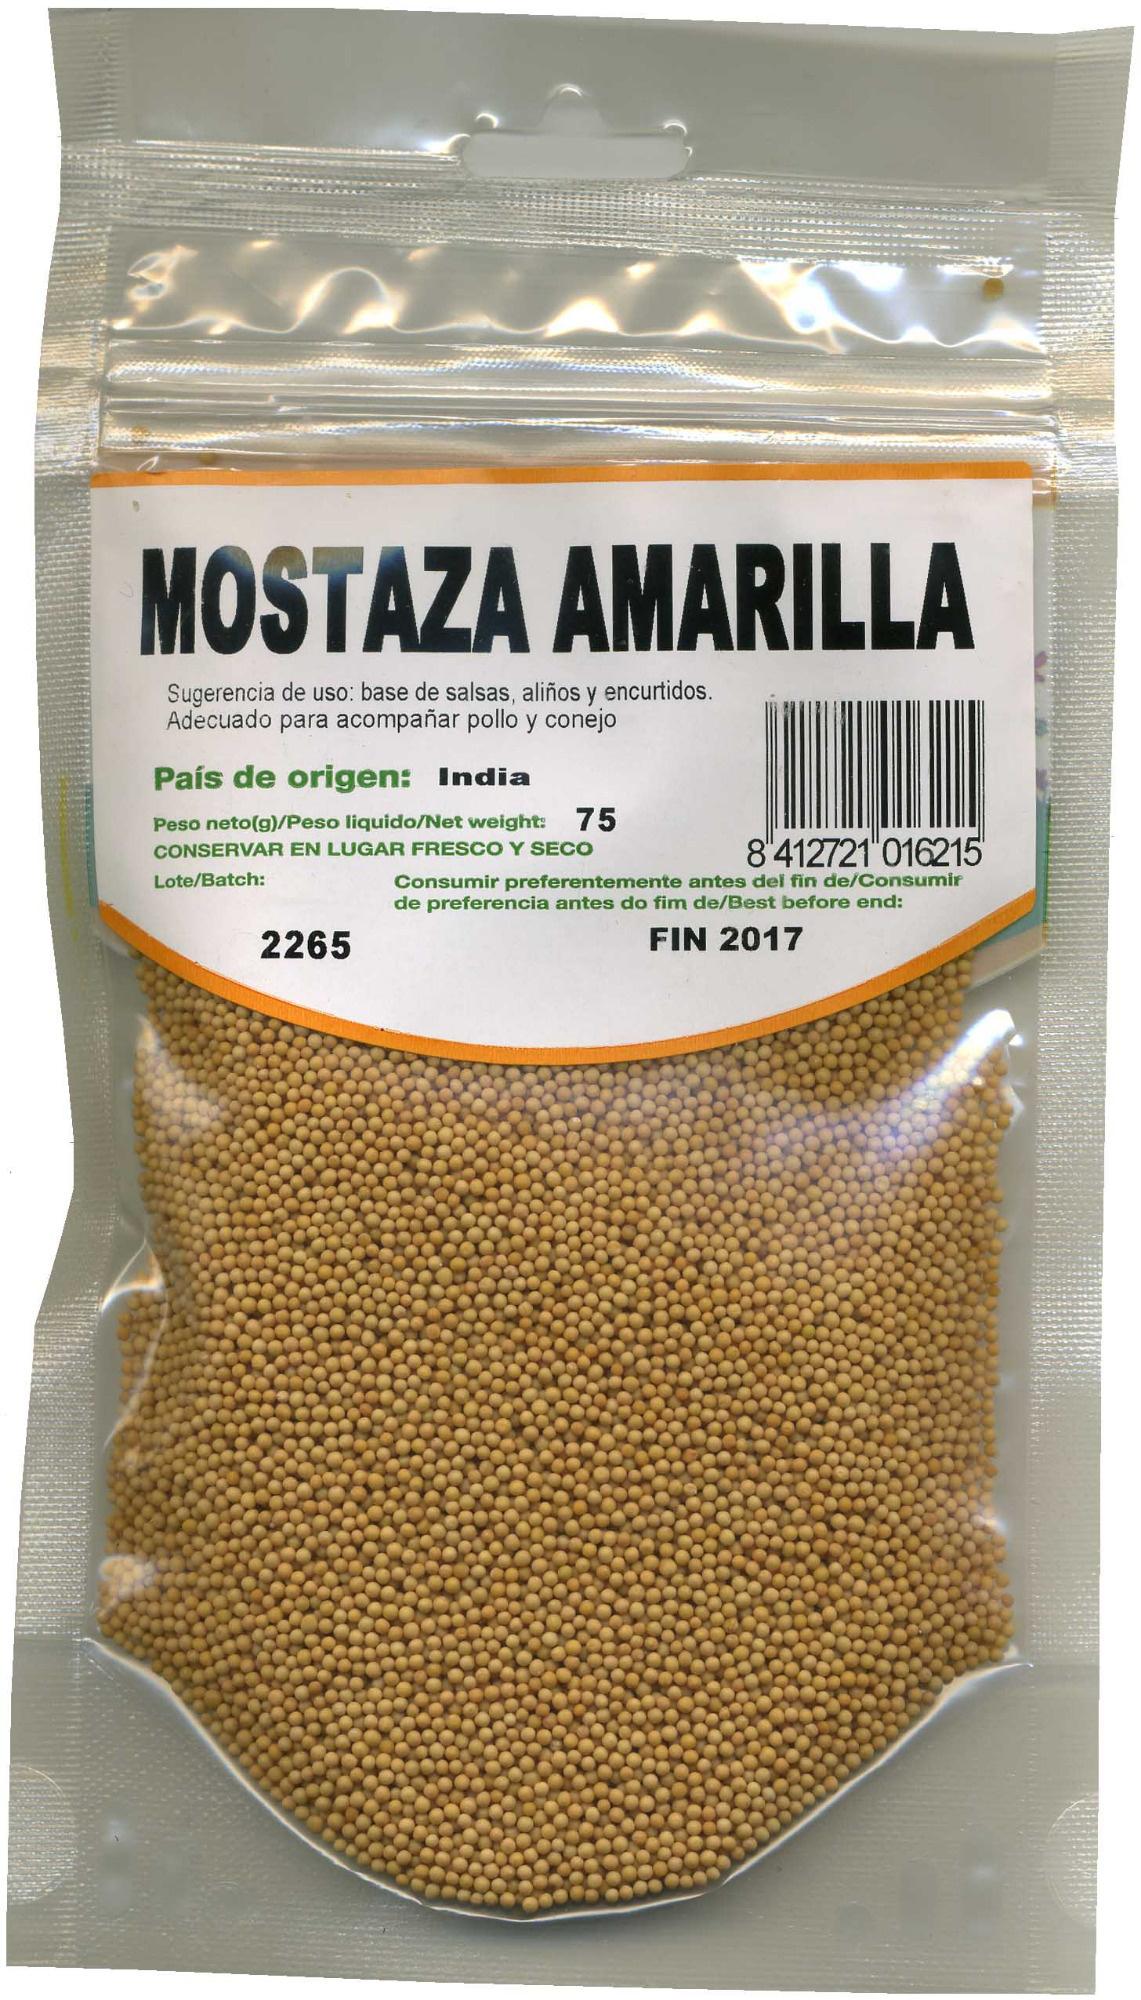 Semillas de mostaza amarilla - Producte